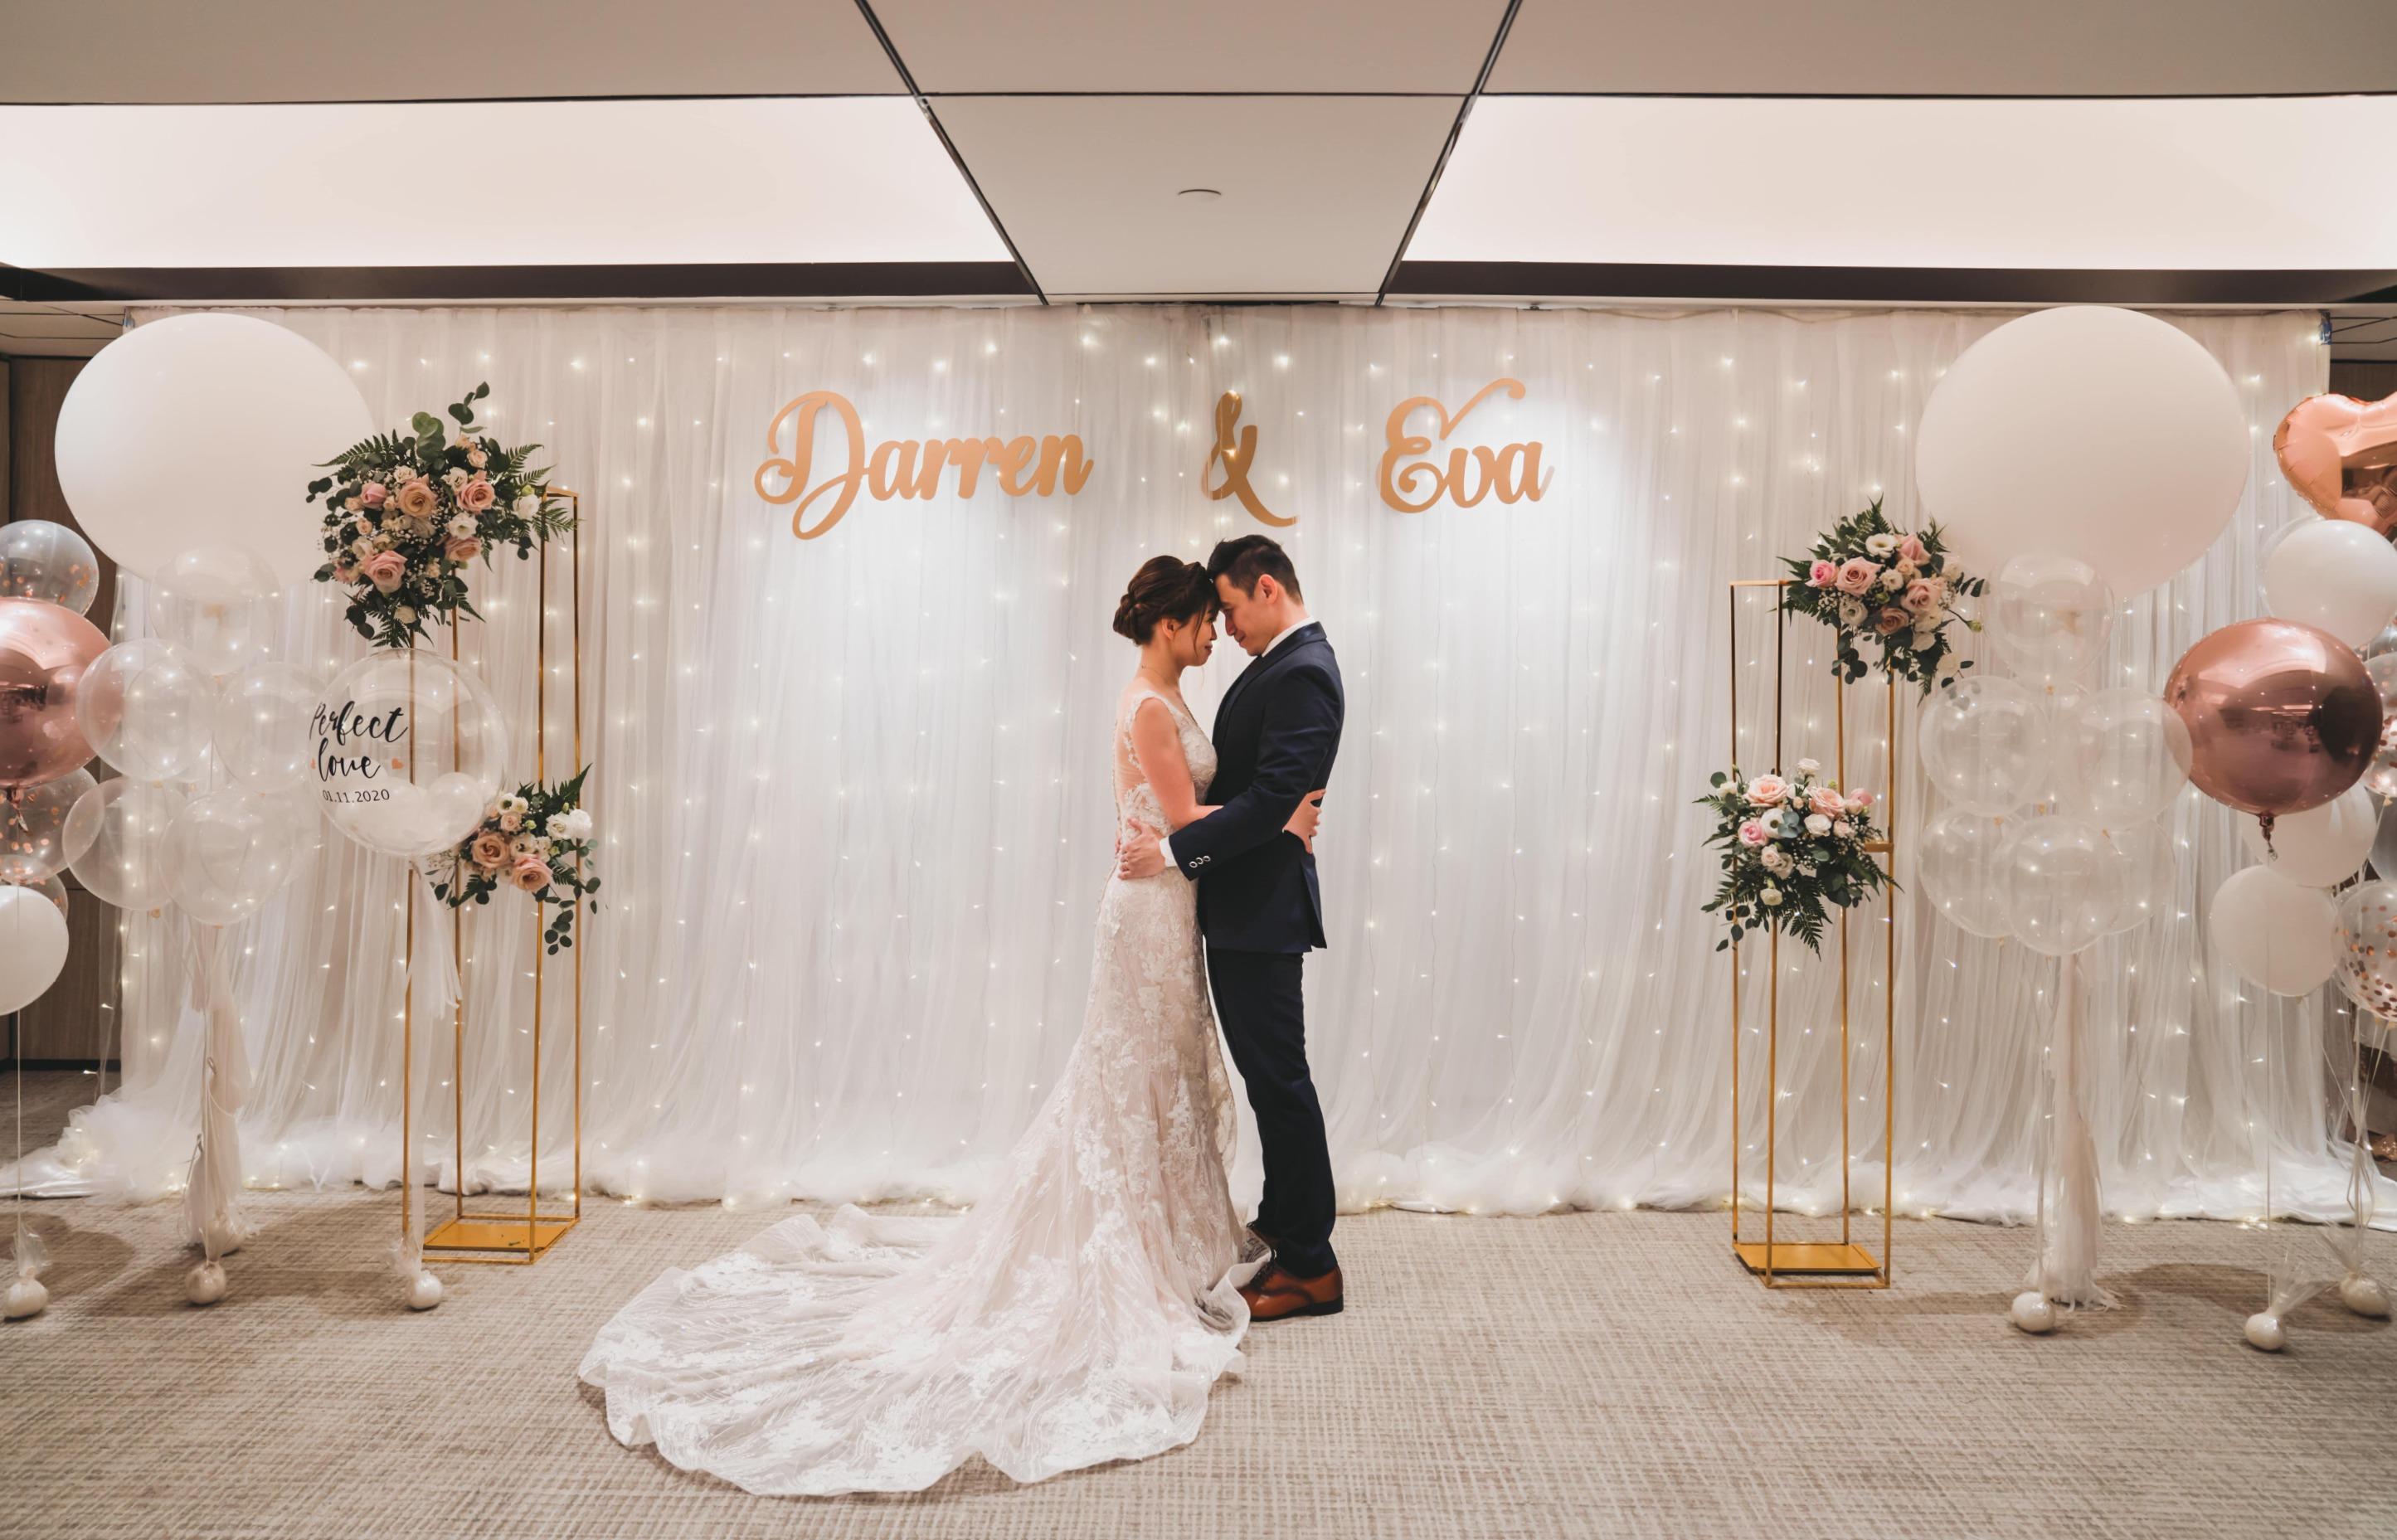 wedding fairylights singapore